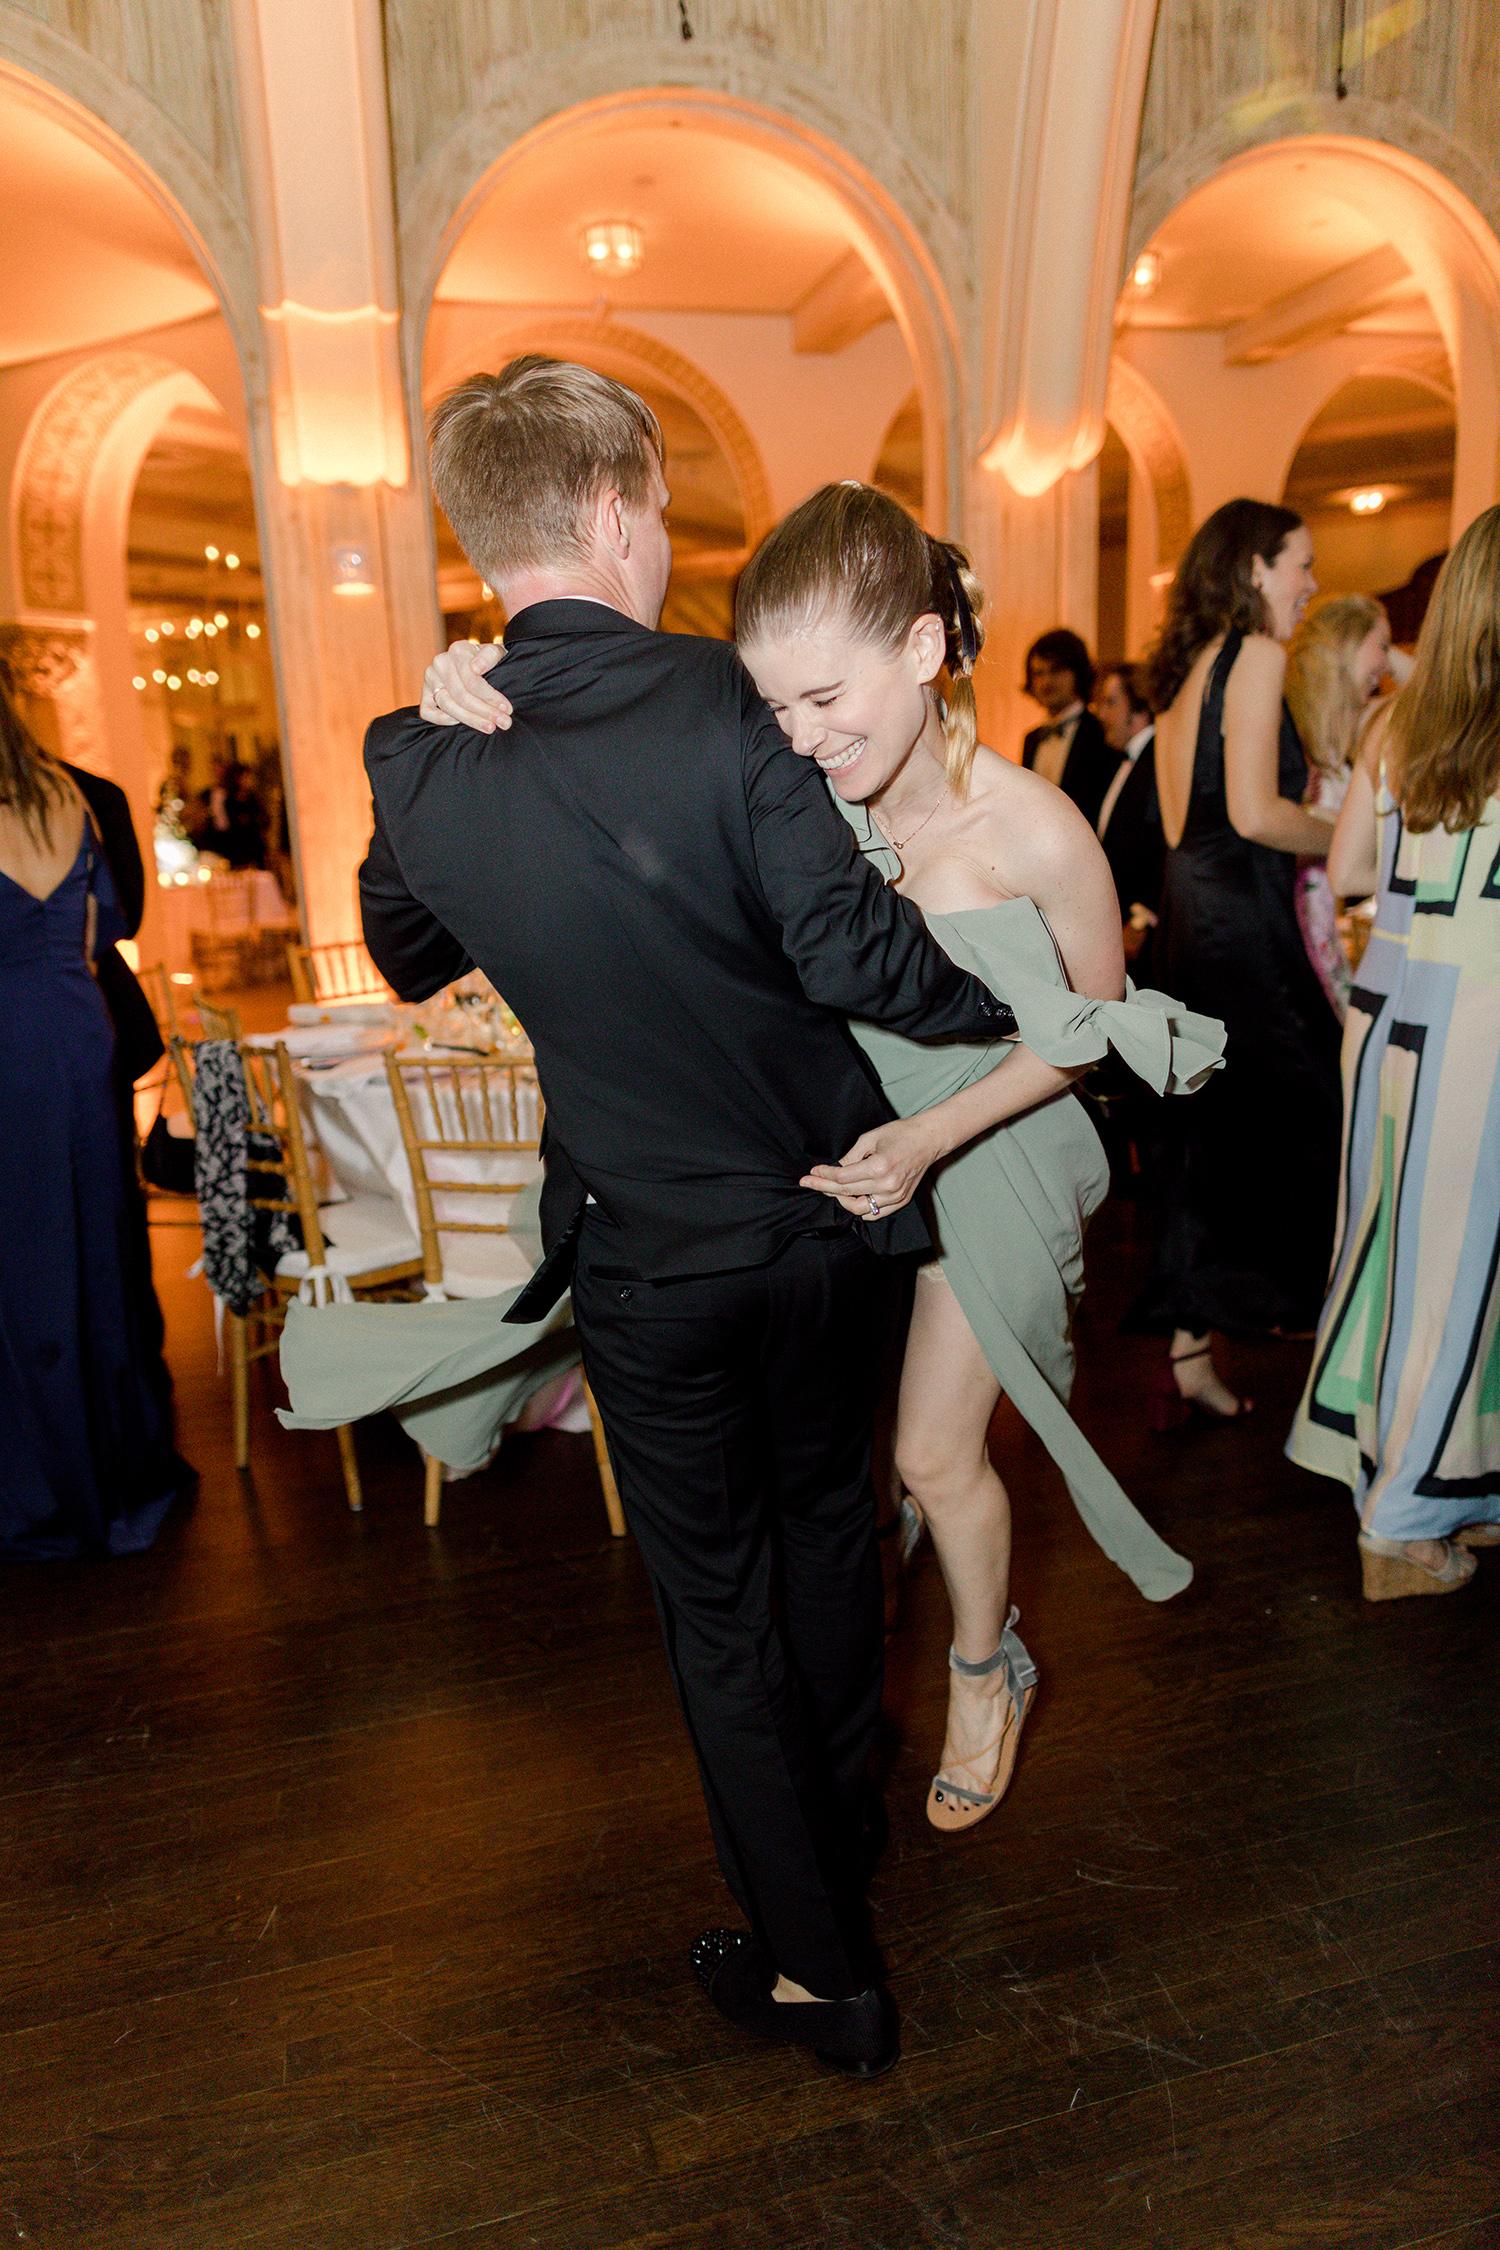 chelsea conor wedding dancing